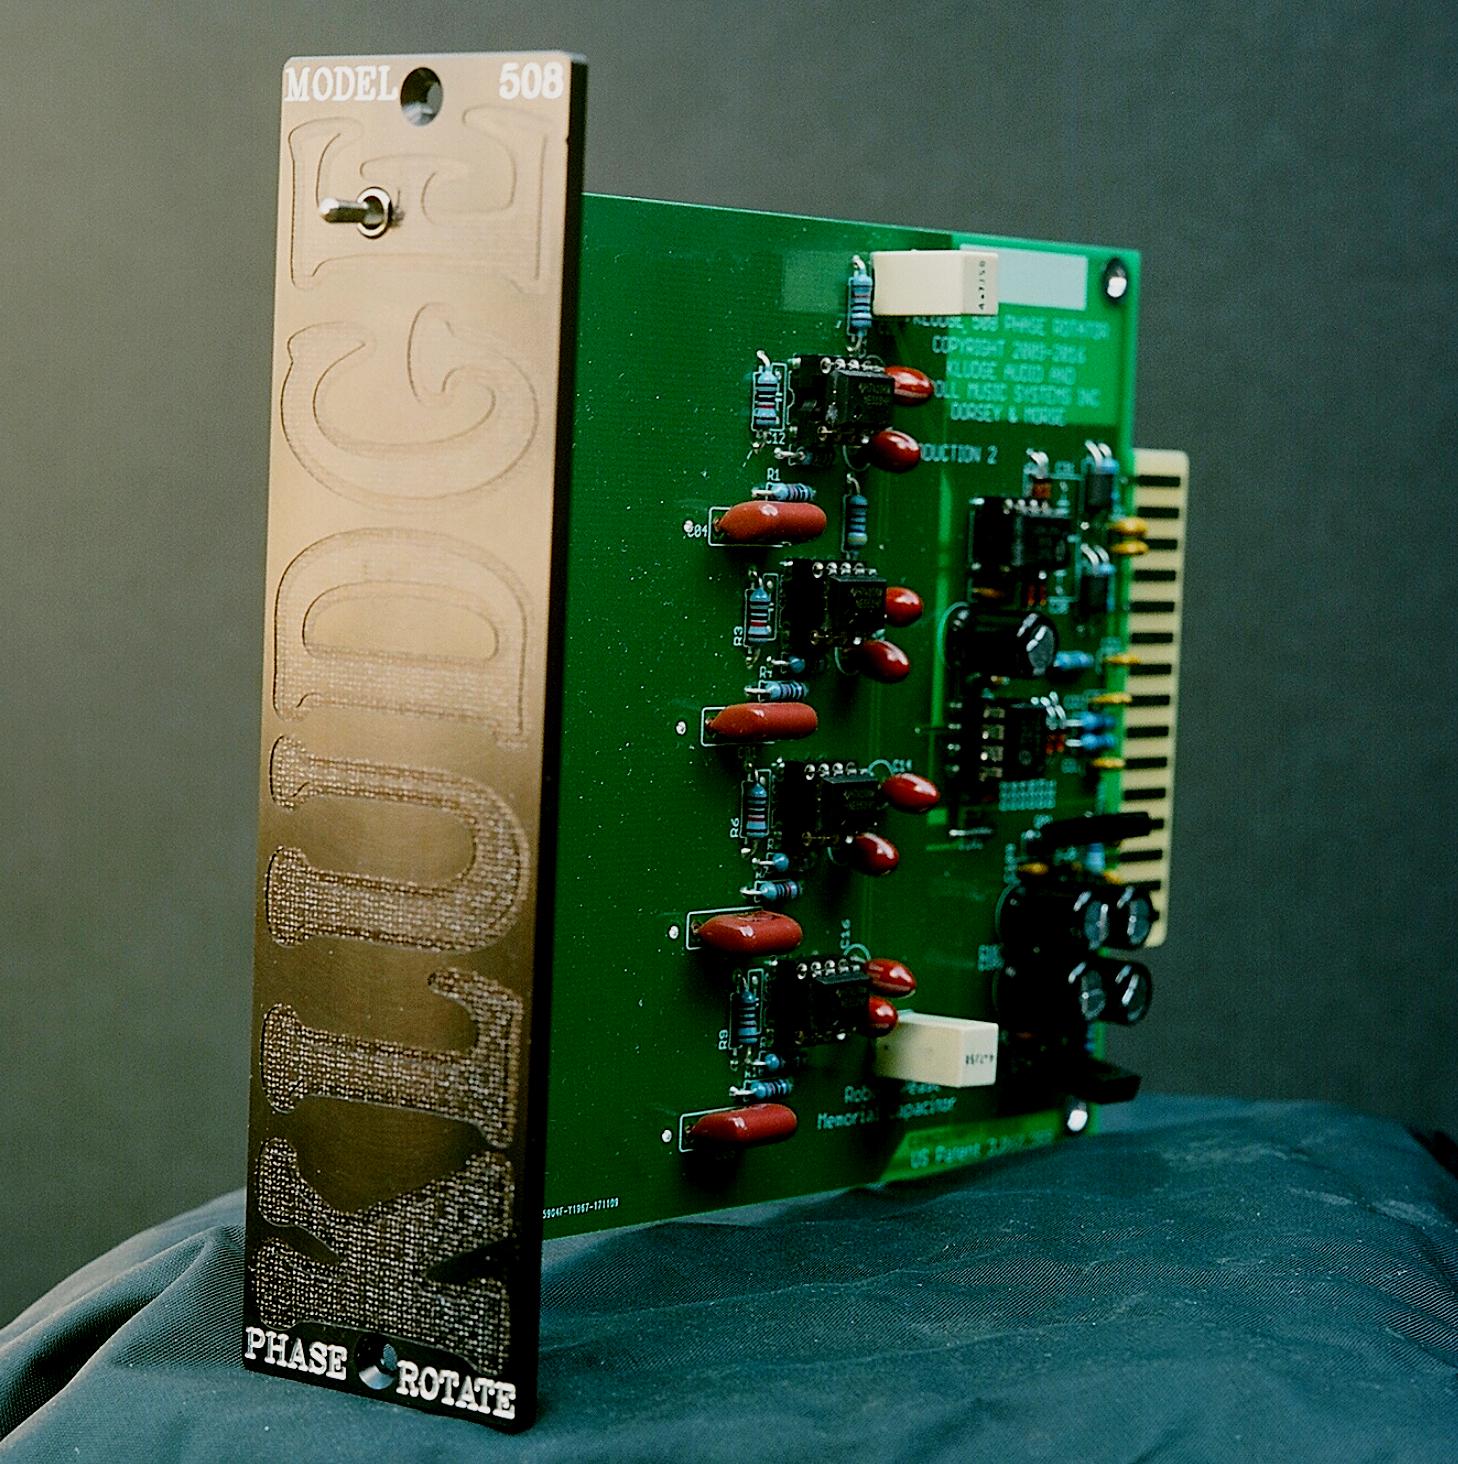 Kludge Audio 500 Series Modules